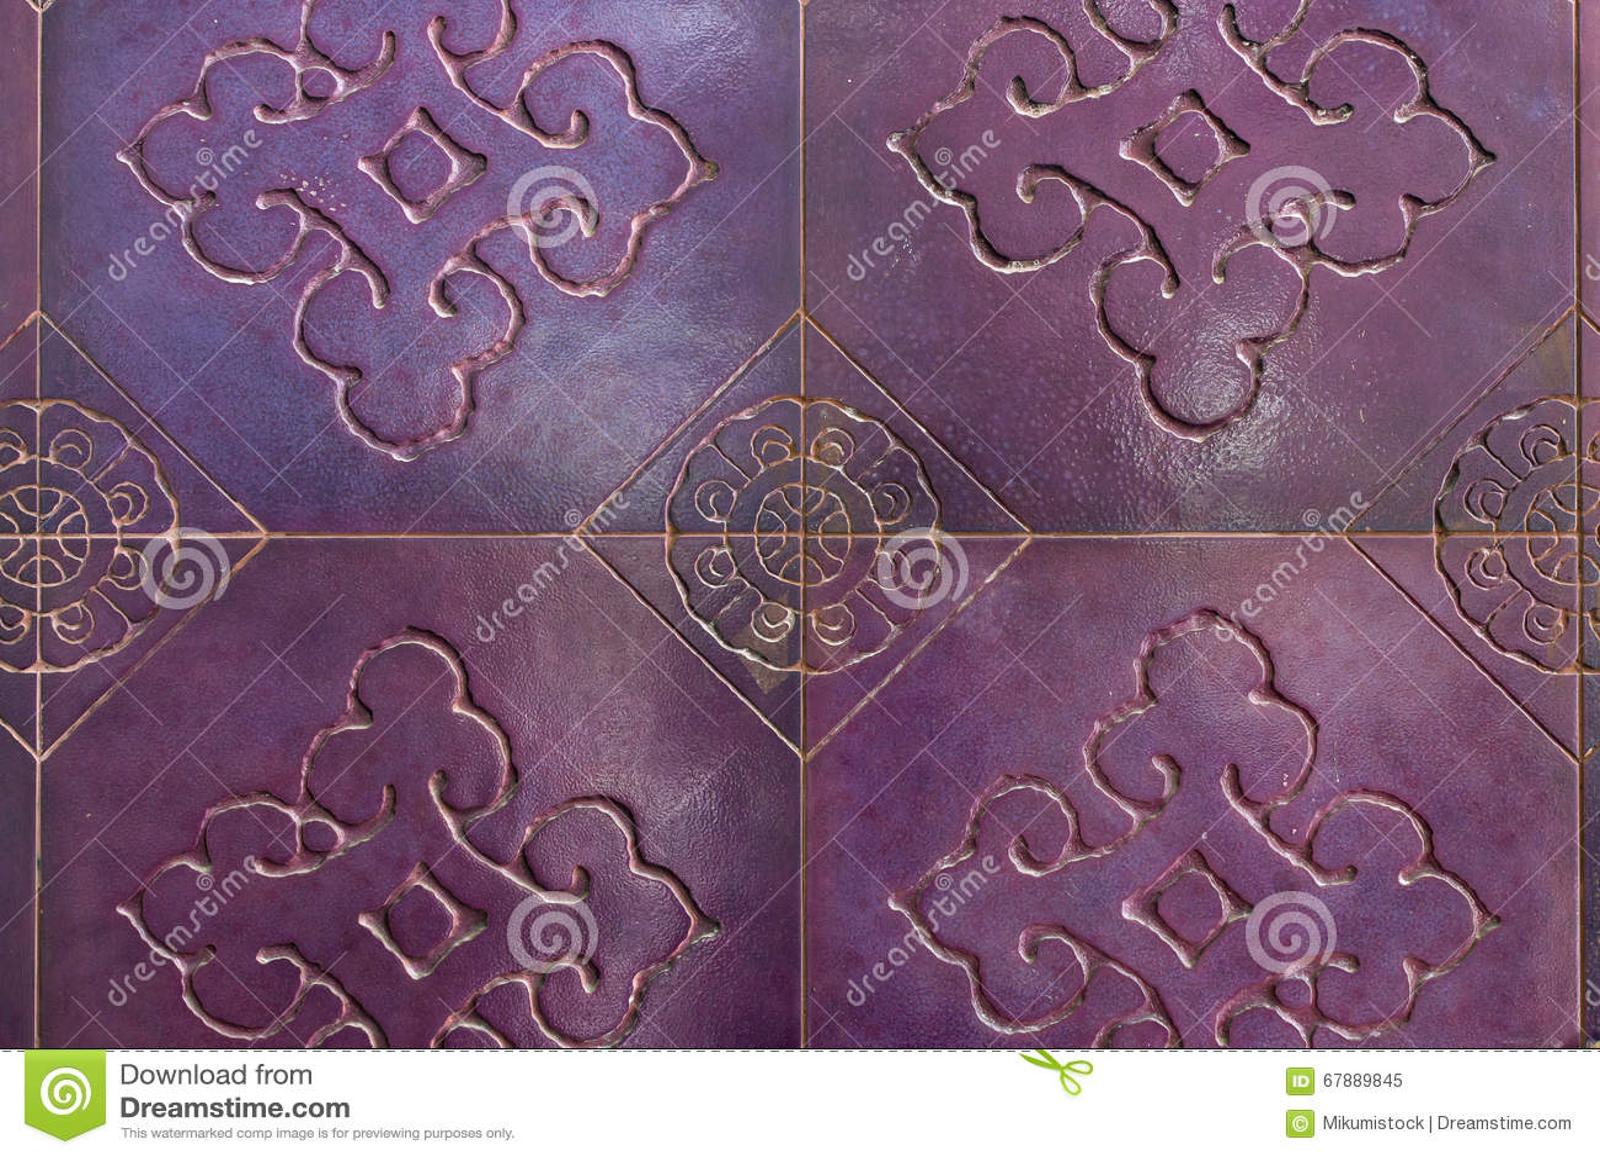 葡萄酒紫色陶瓷砖背景